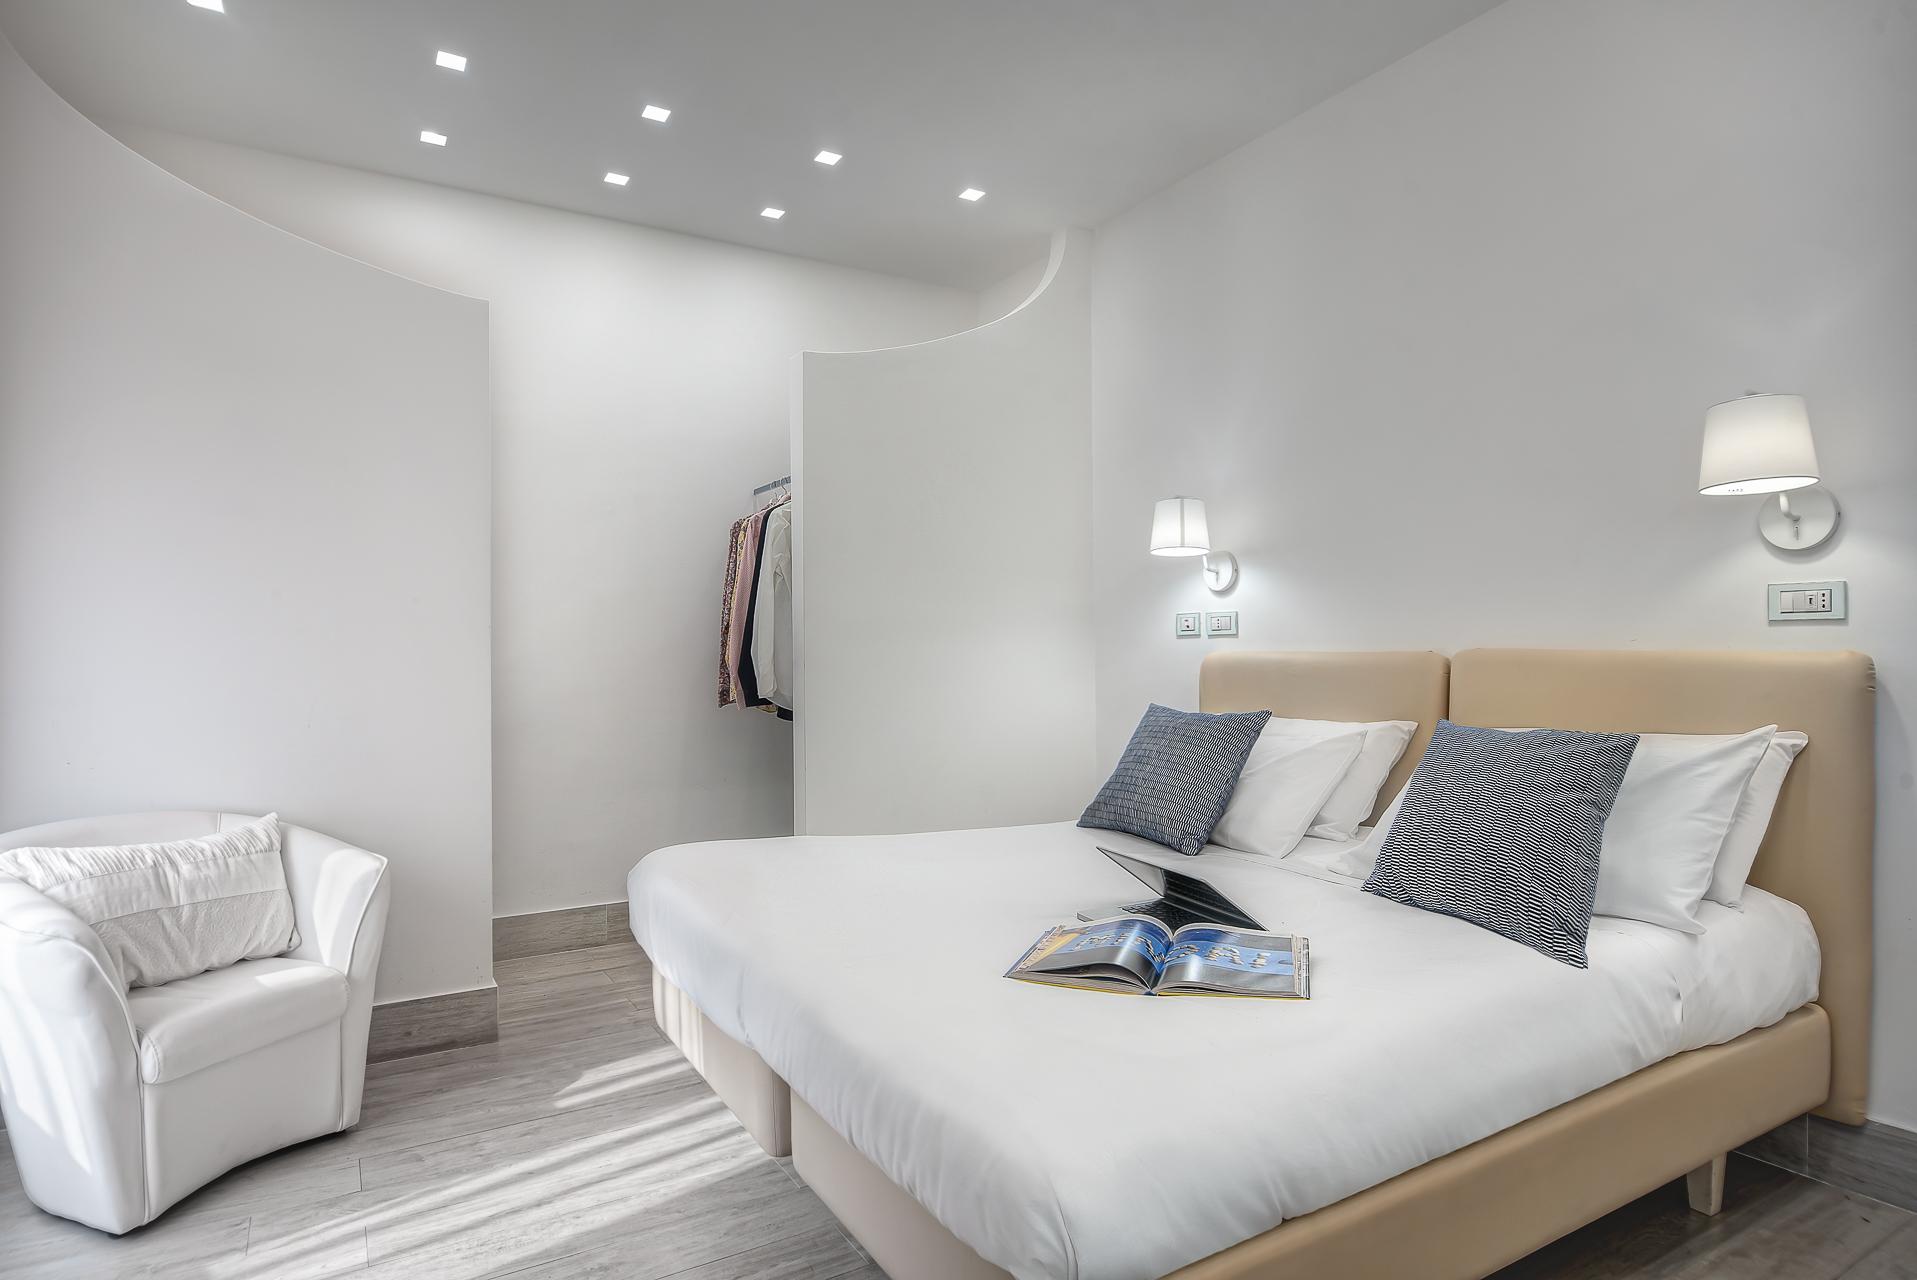 El Royale Suites Sorrento - Blanco photo 16141736